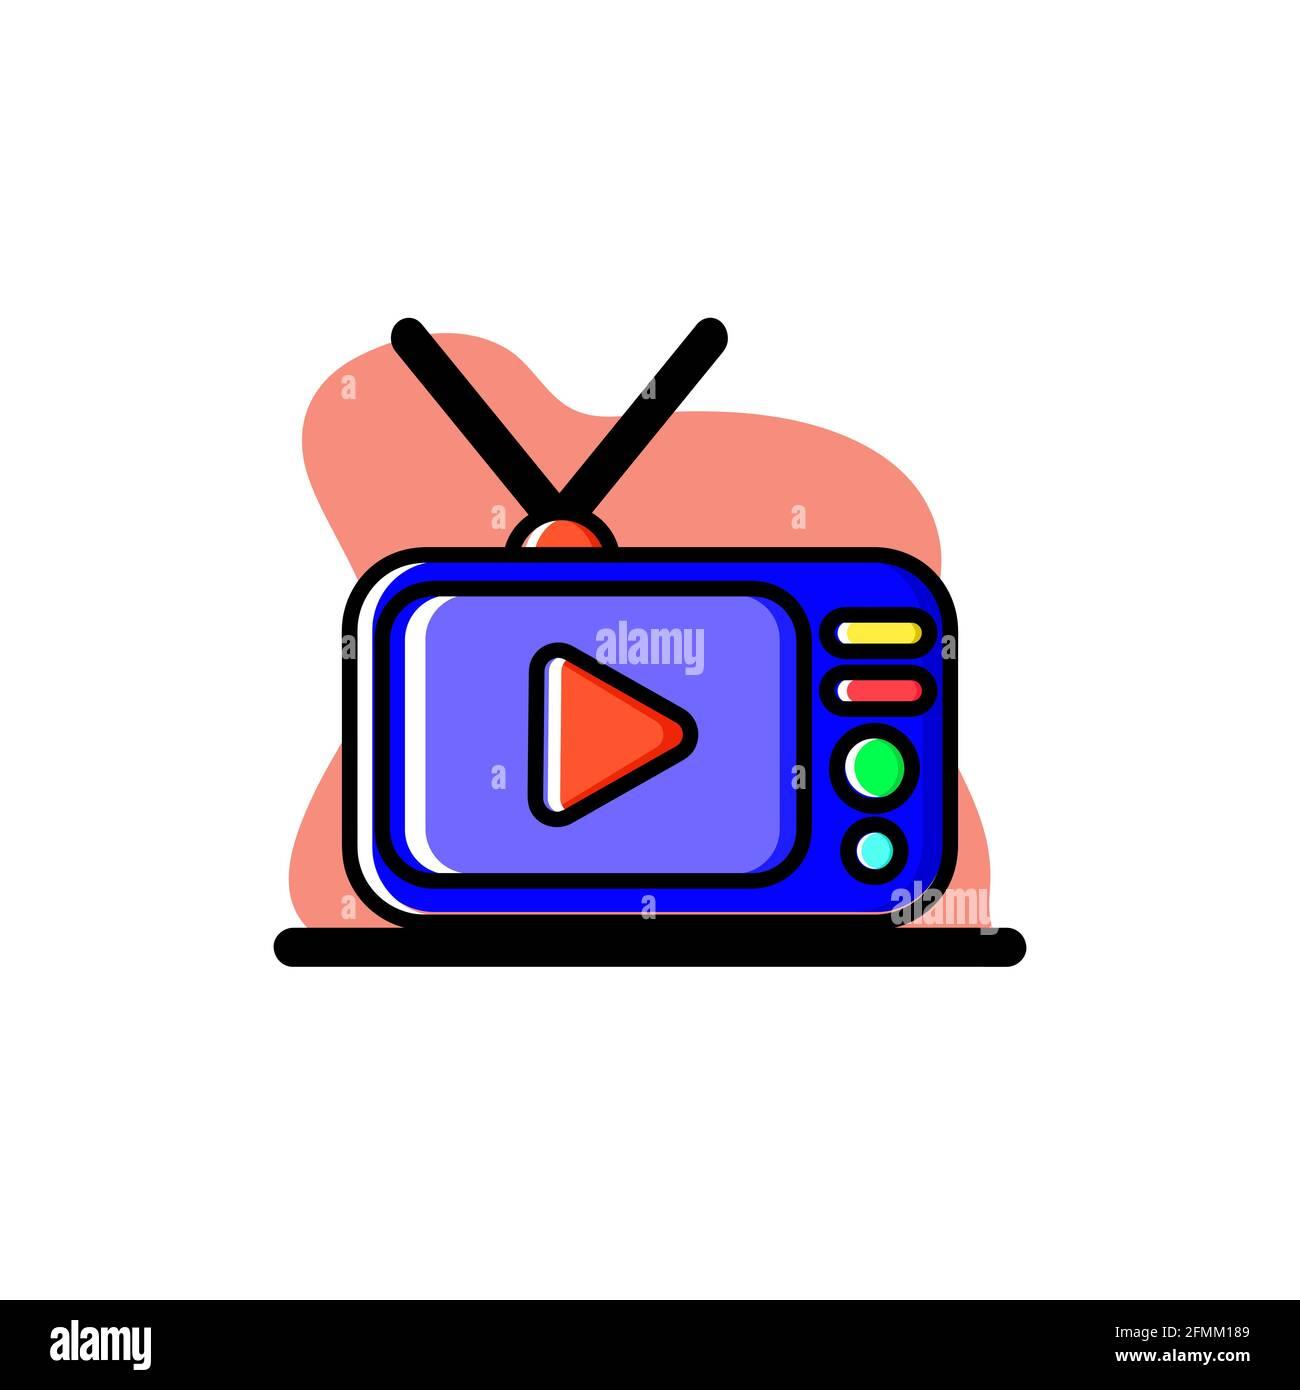 Cool Television Conceptual Vector Illustration Diseño Icono eps10 Ilustración del Vector